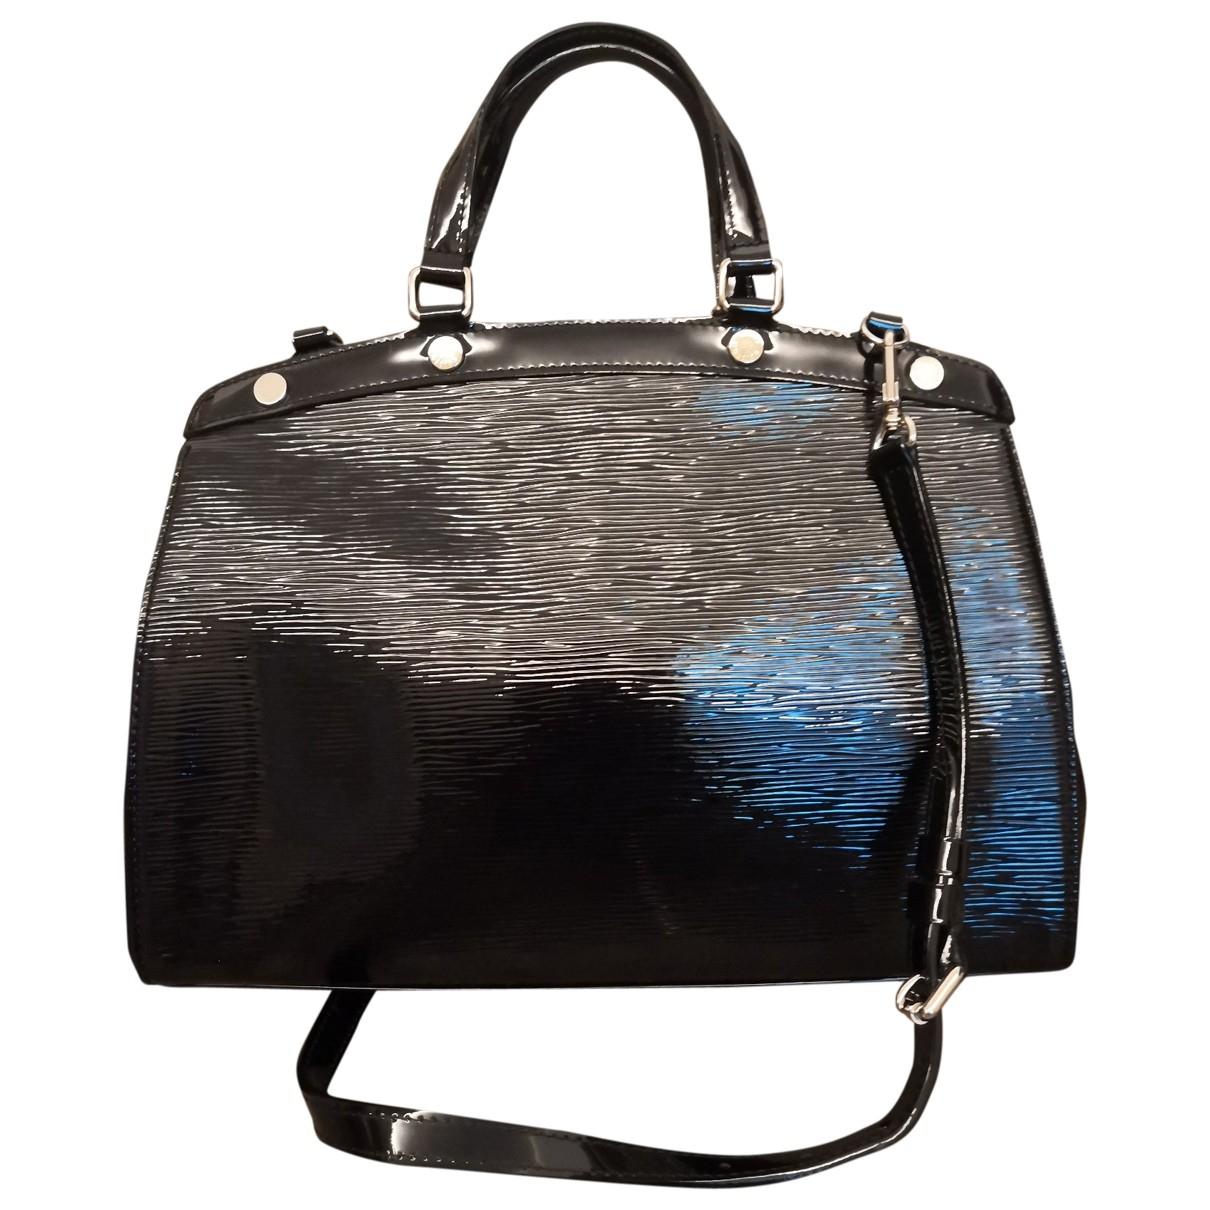 Louis Vuitton - Sac a main Brea pour femme en cuir verni - noir